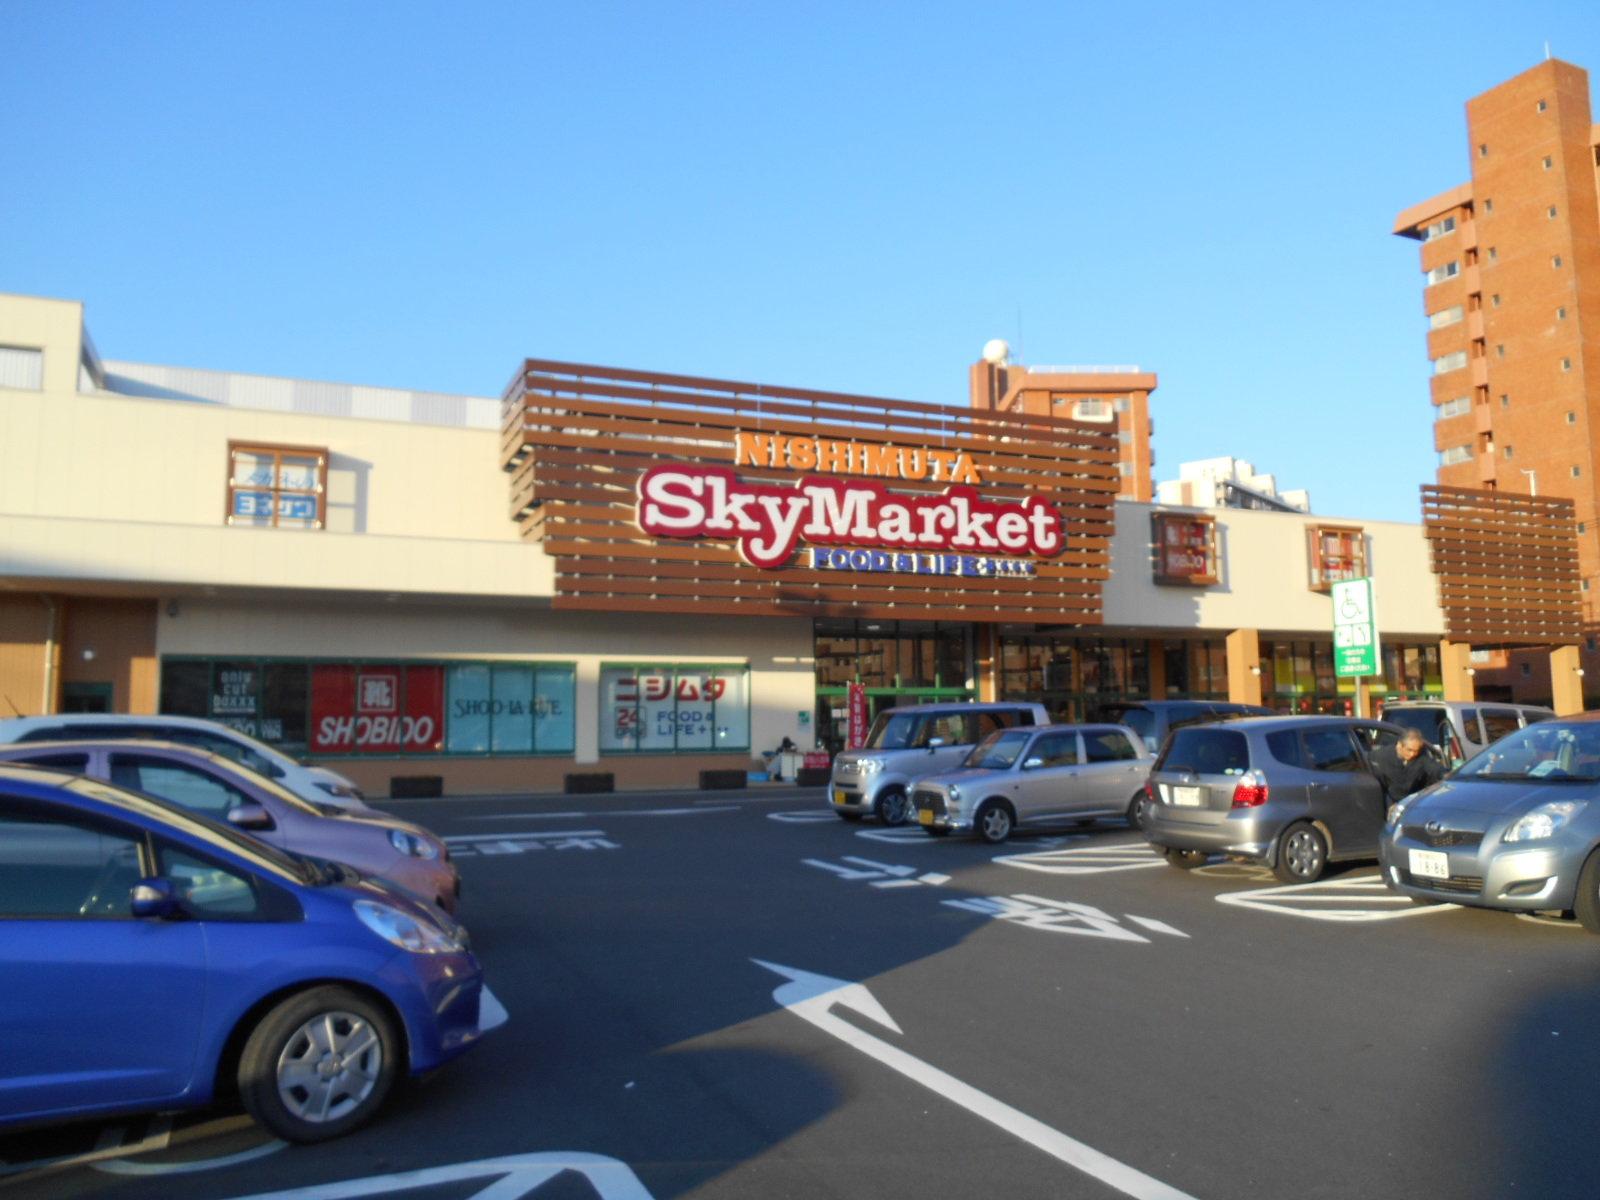 [ショッピング施設] ニシムタスカイマーケット鴨池店まで350m